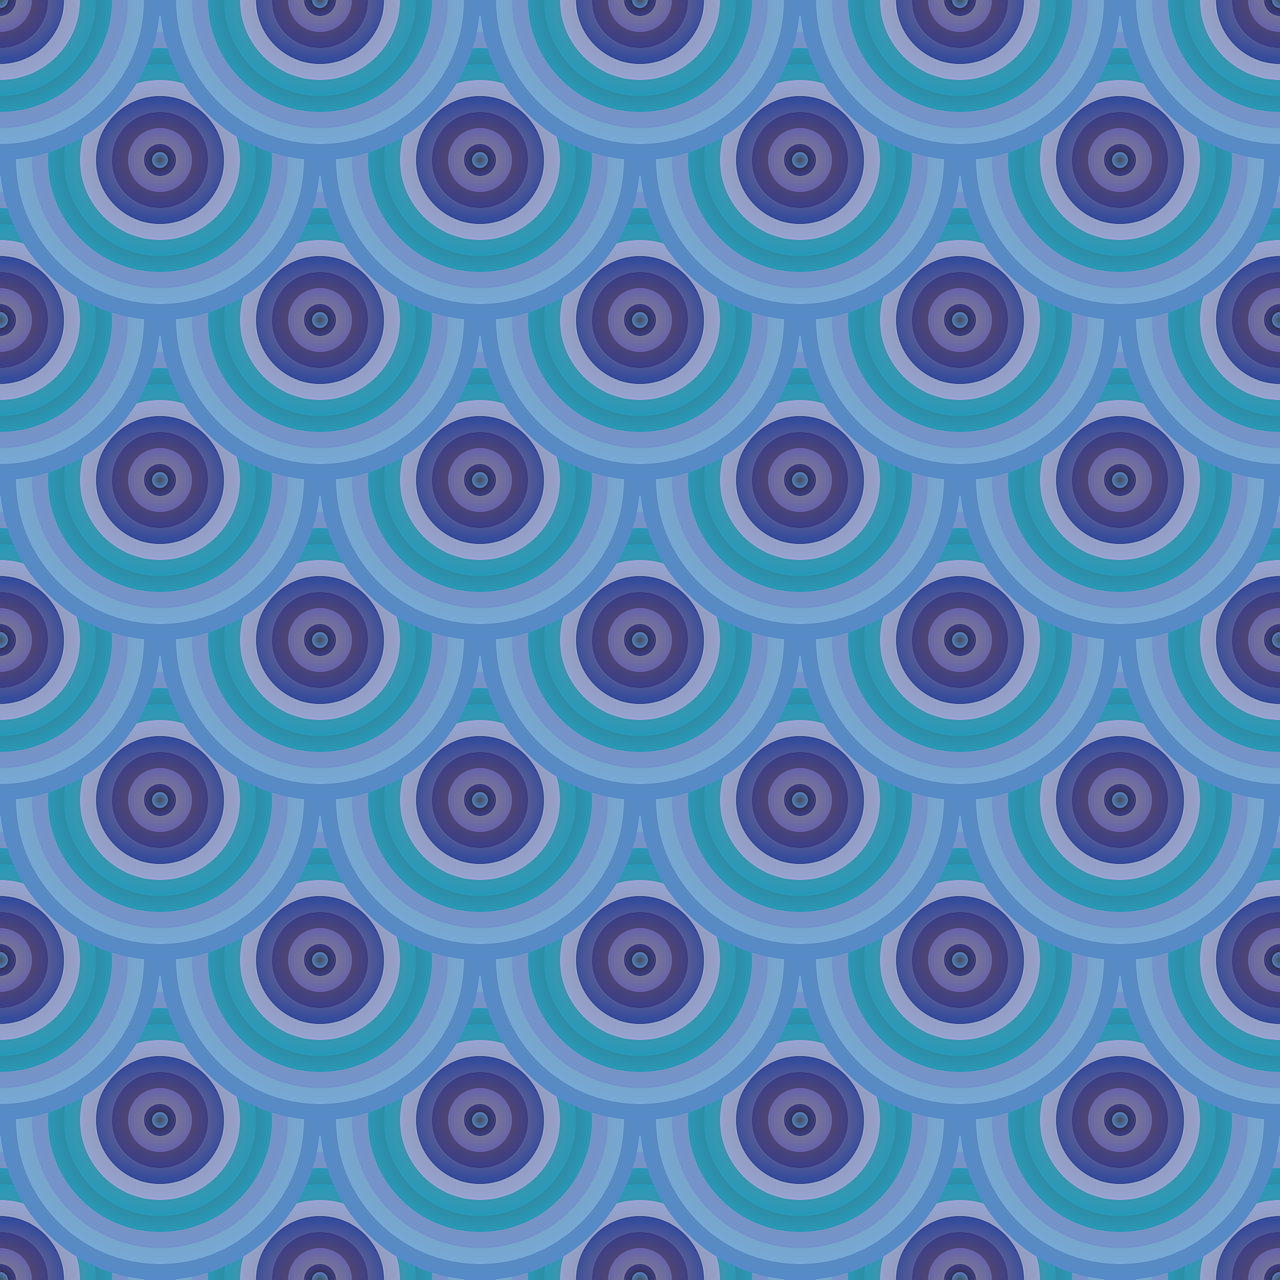 circles-1441908_1280